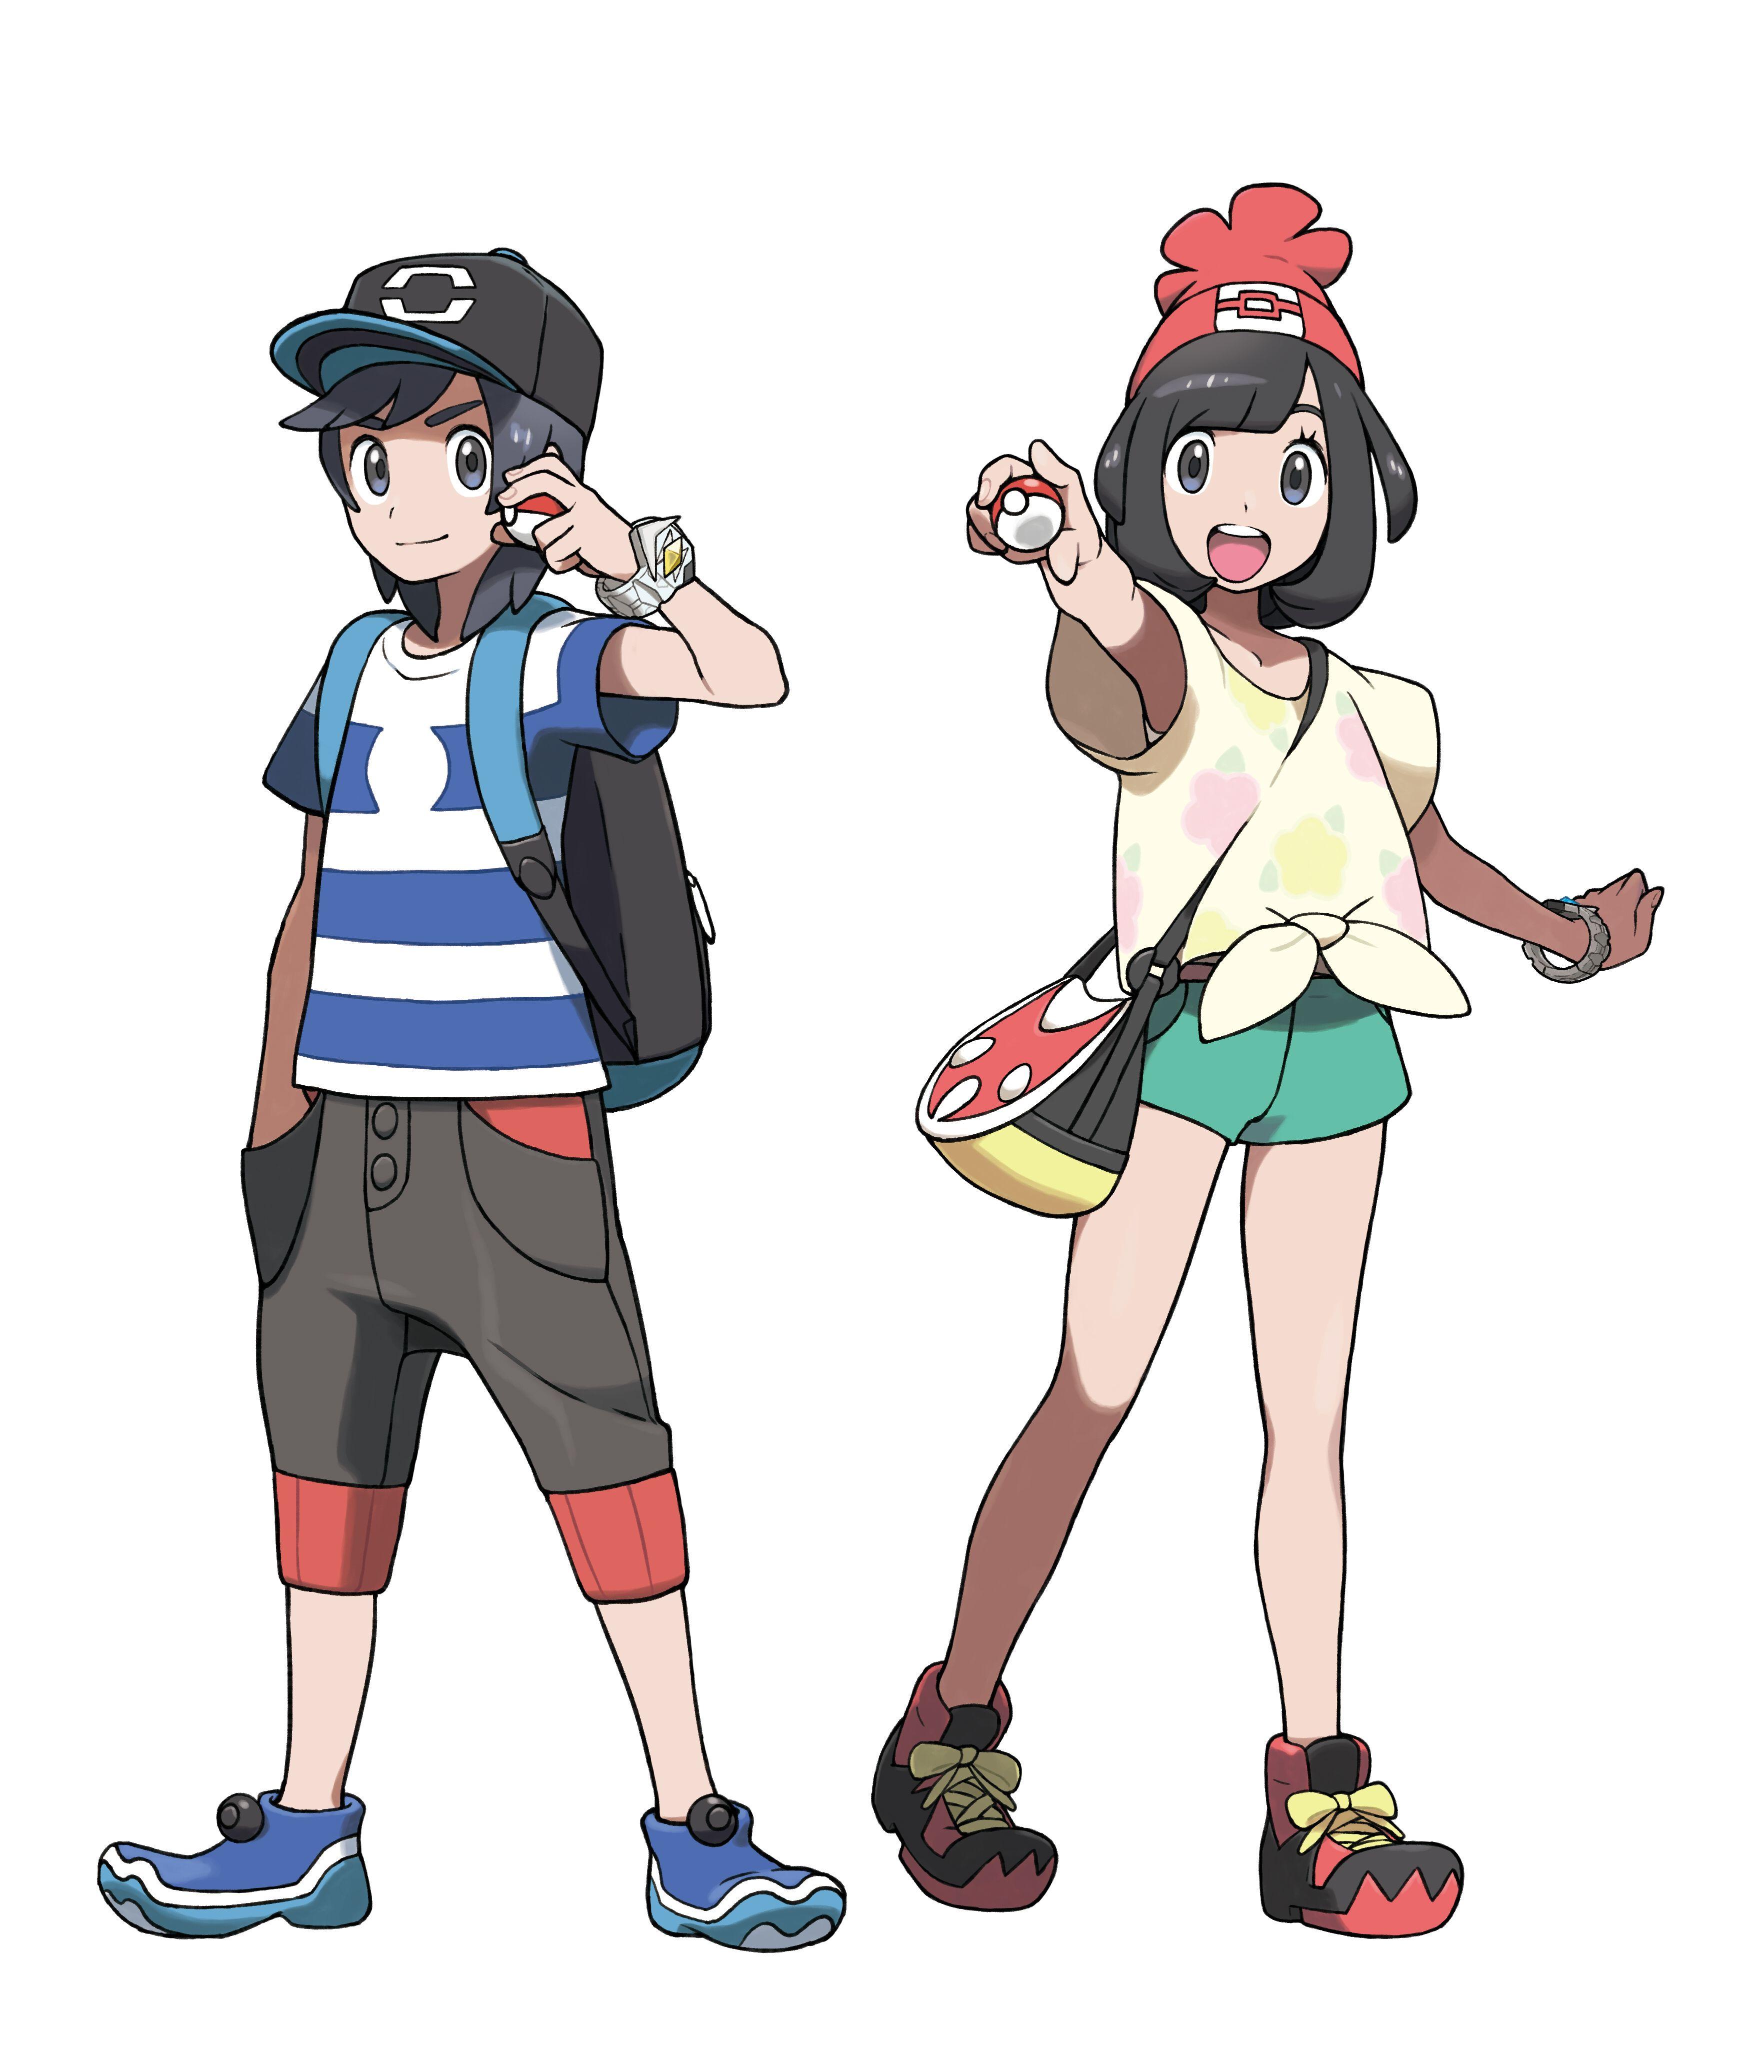 View Full Size 3528x4143 2 847 Kb Pokemon Pokemon Sketch Pokemon Characters